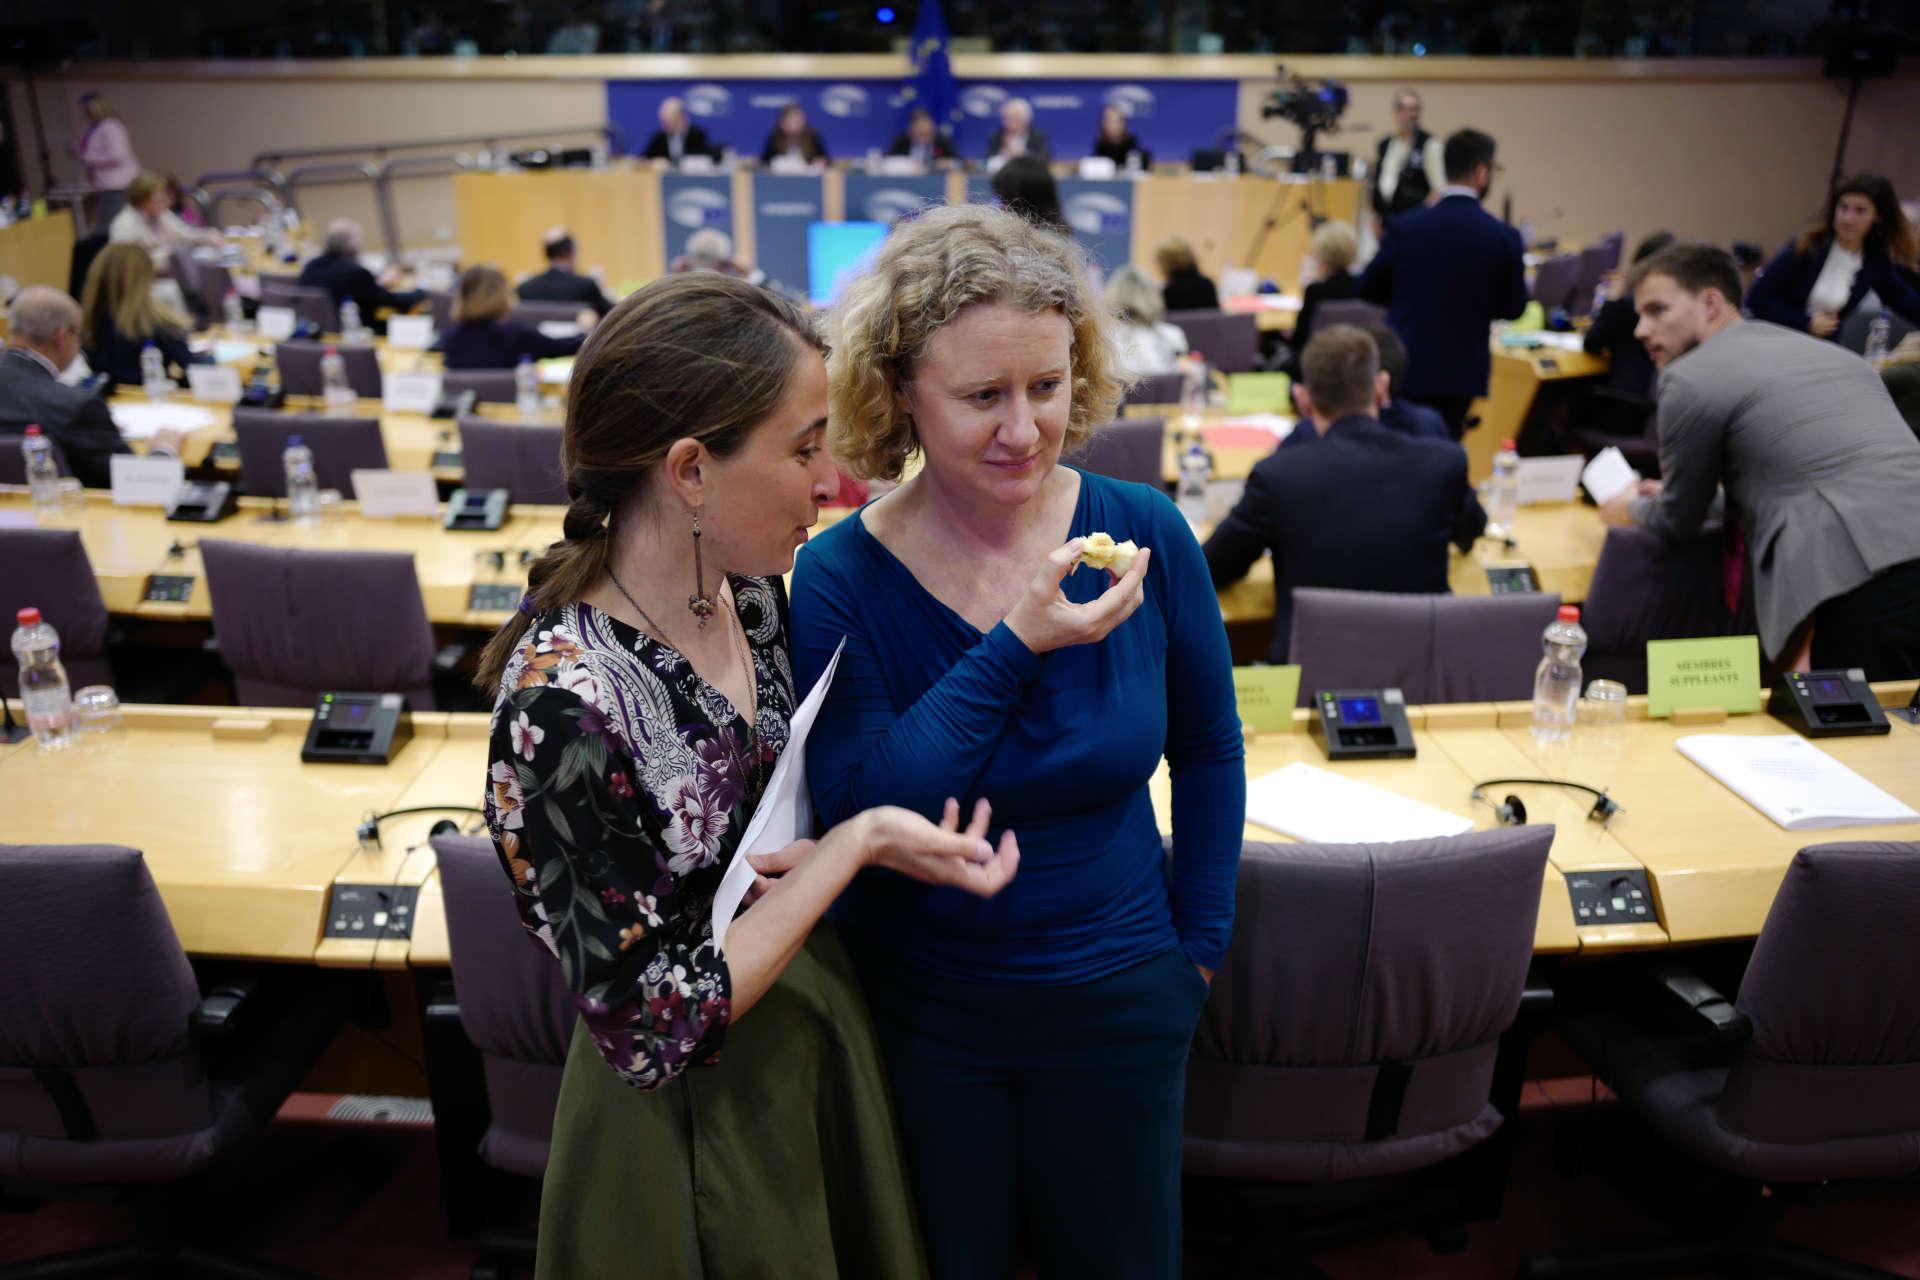 La députée européenne Judith Sargentini discute avec une de ses conseillère lors d'une séance à la commission des libertés civiles, de la justice et des affaires intérieures (LIBE) au Parlement Européen à Bruxelles, le 2 avril.